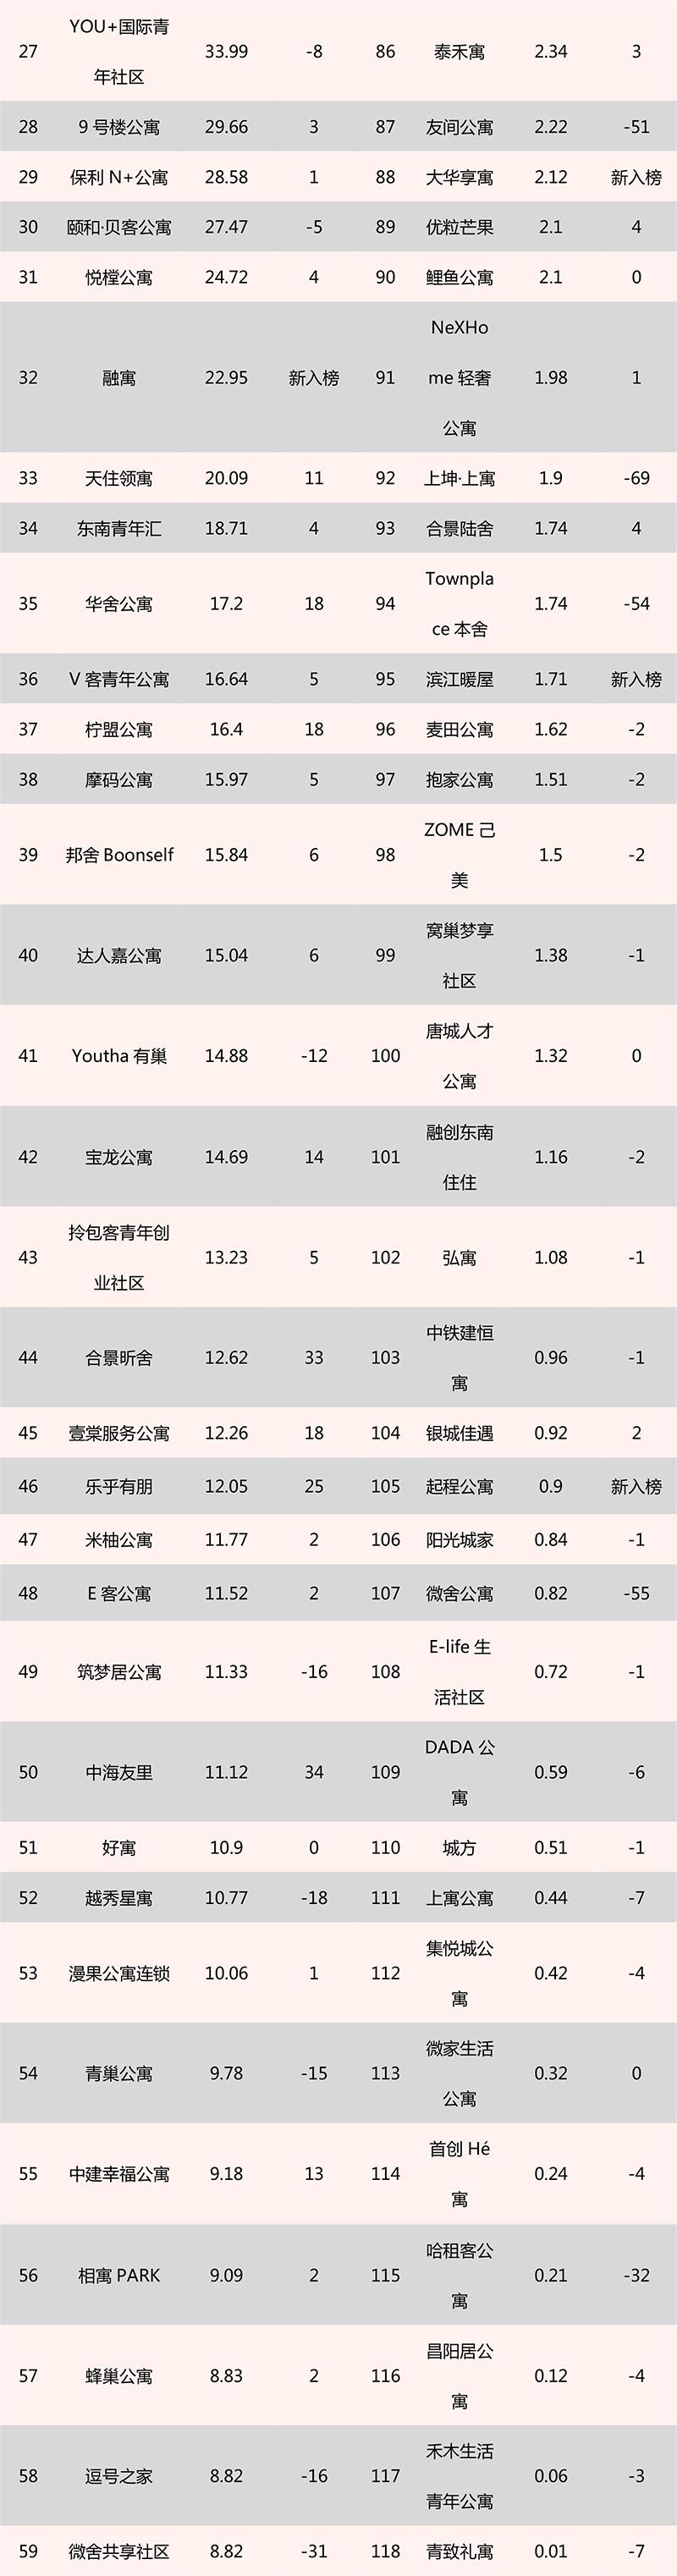 集中式榜单2.jpg